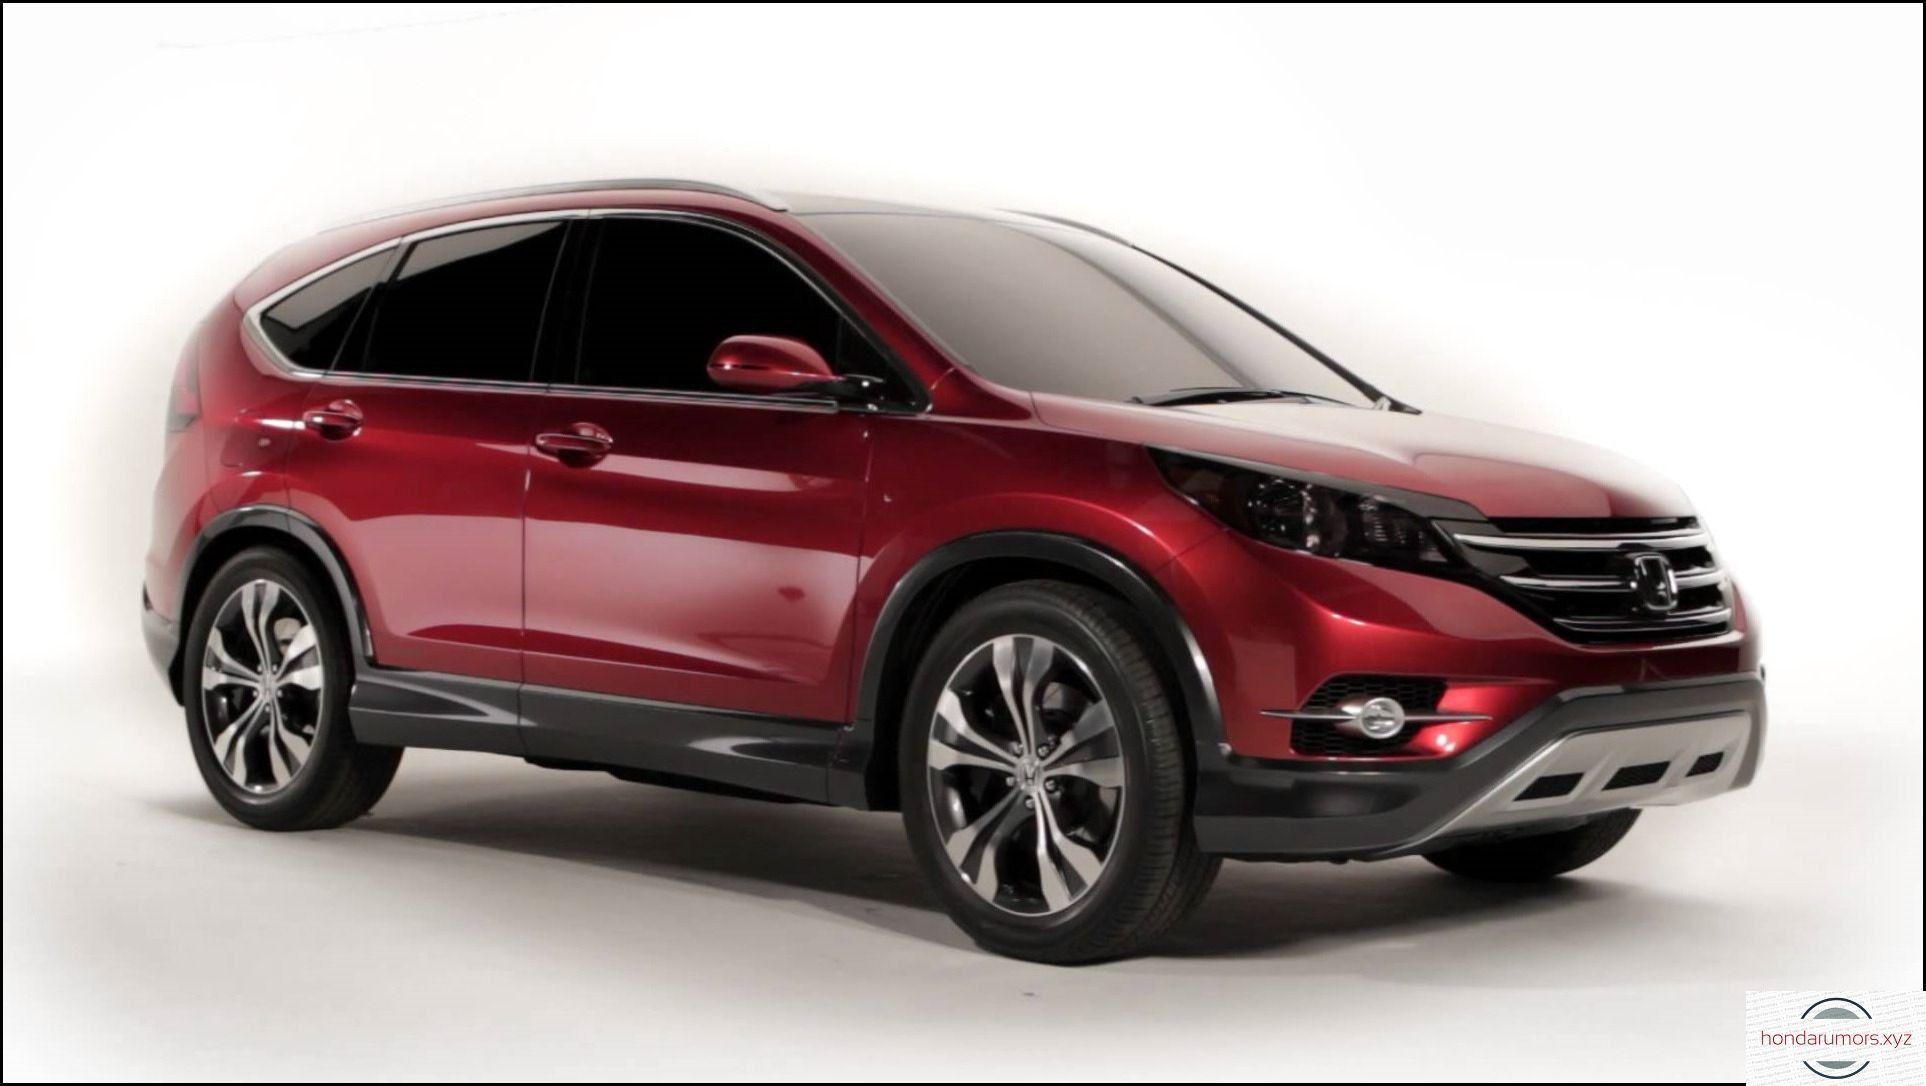 2020 Honda Crv Redesign New Release in 2020 Honda crv